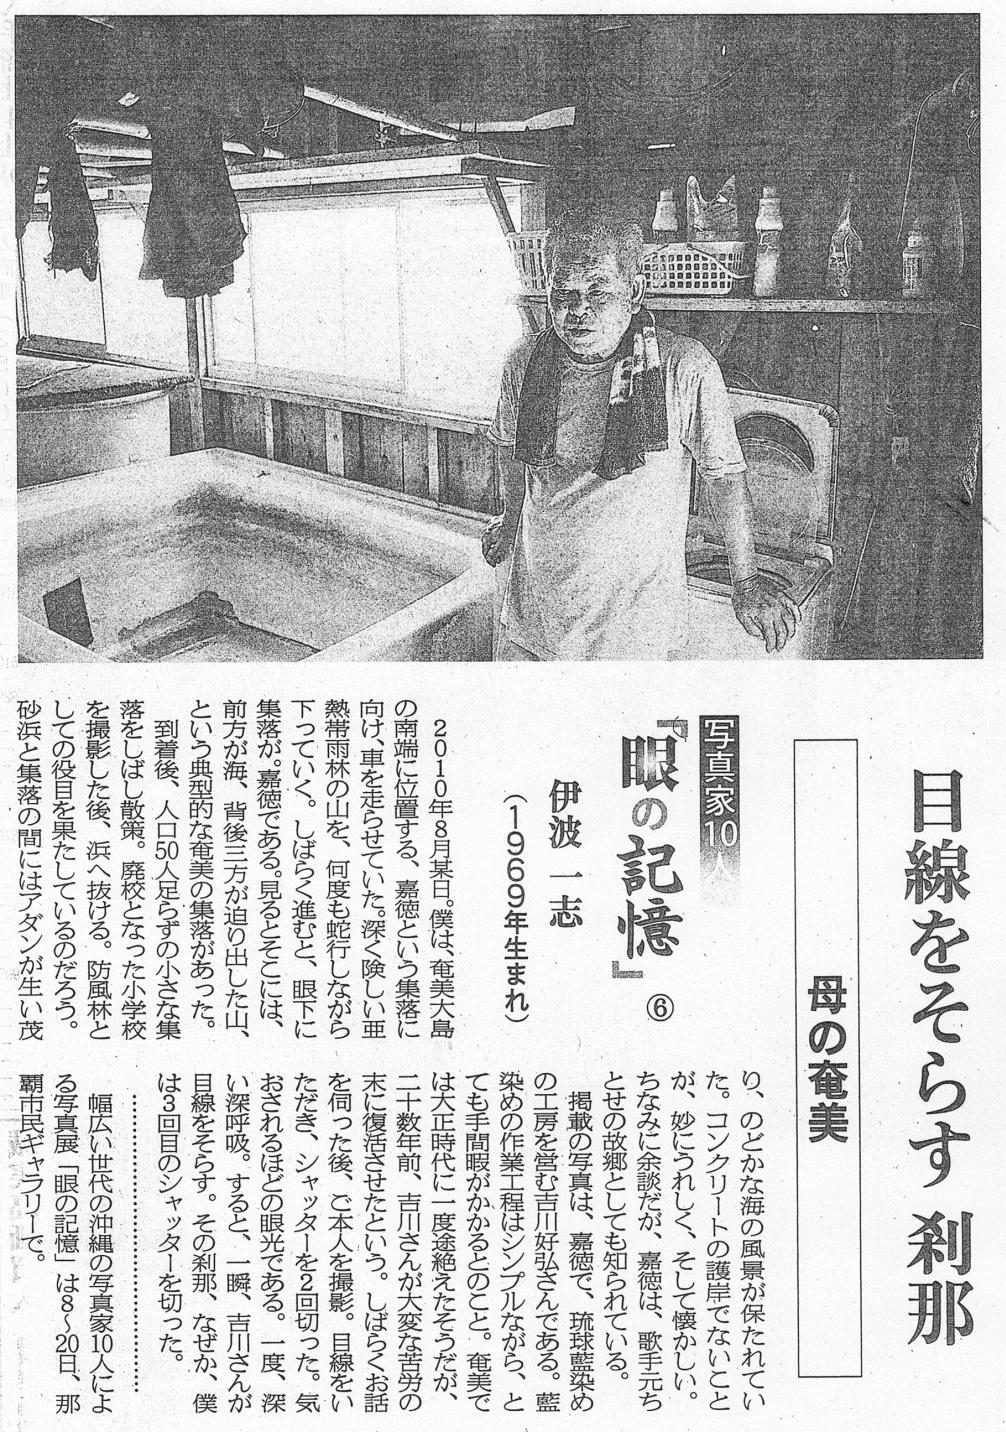 20120509_times_ihakazushi.jpg